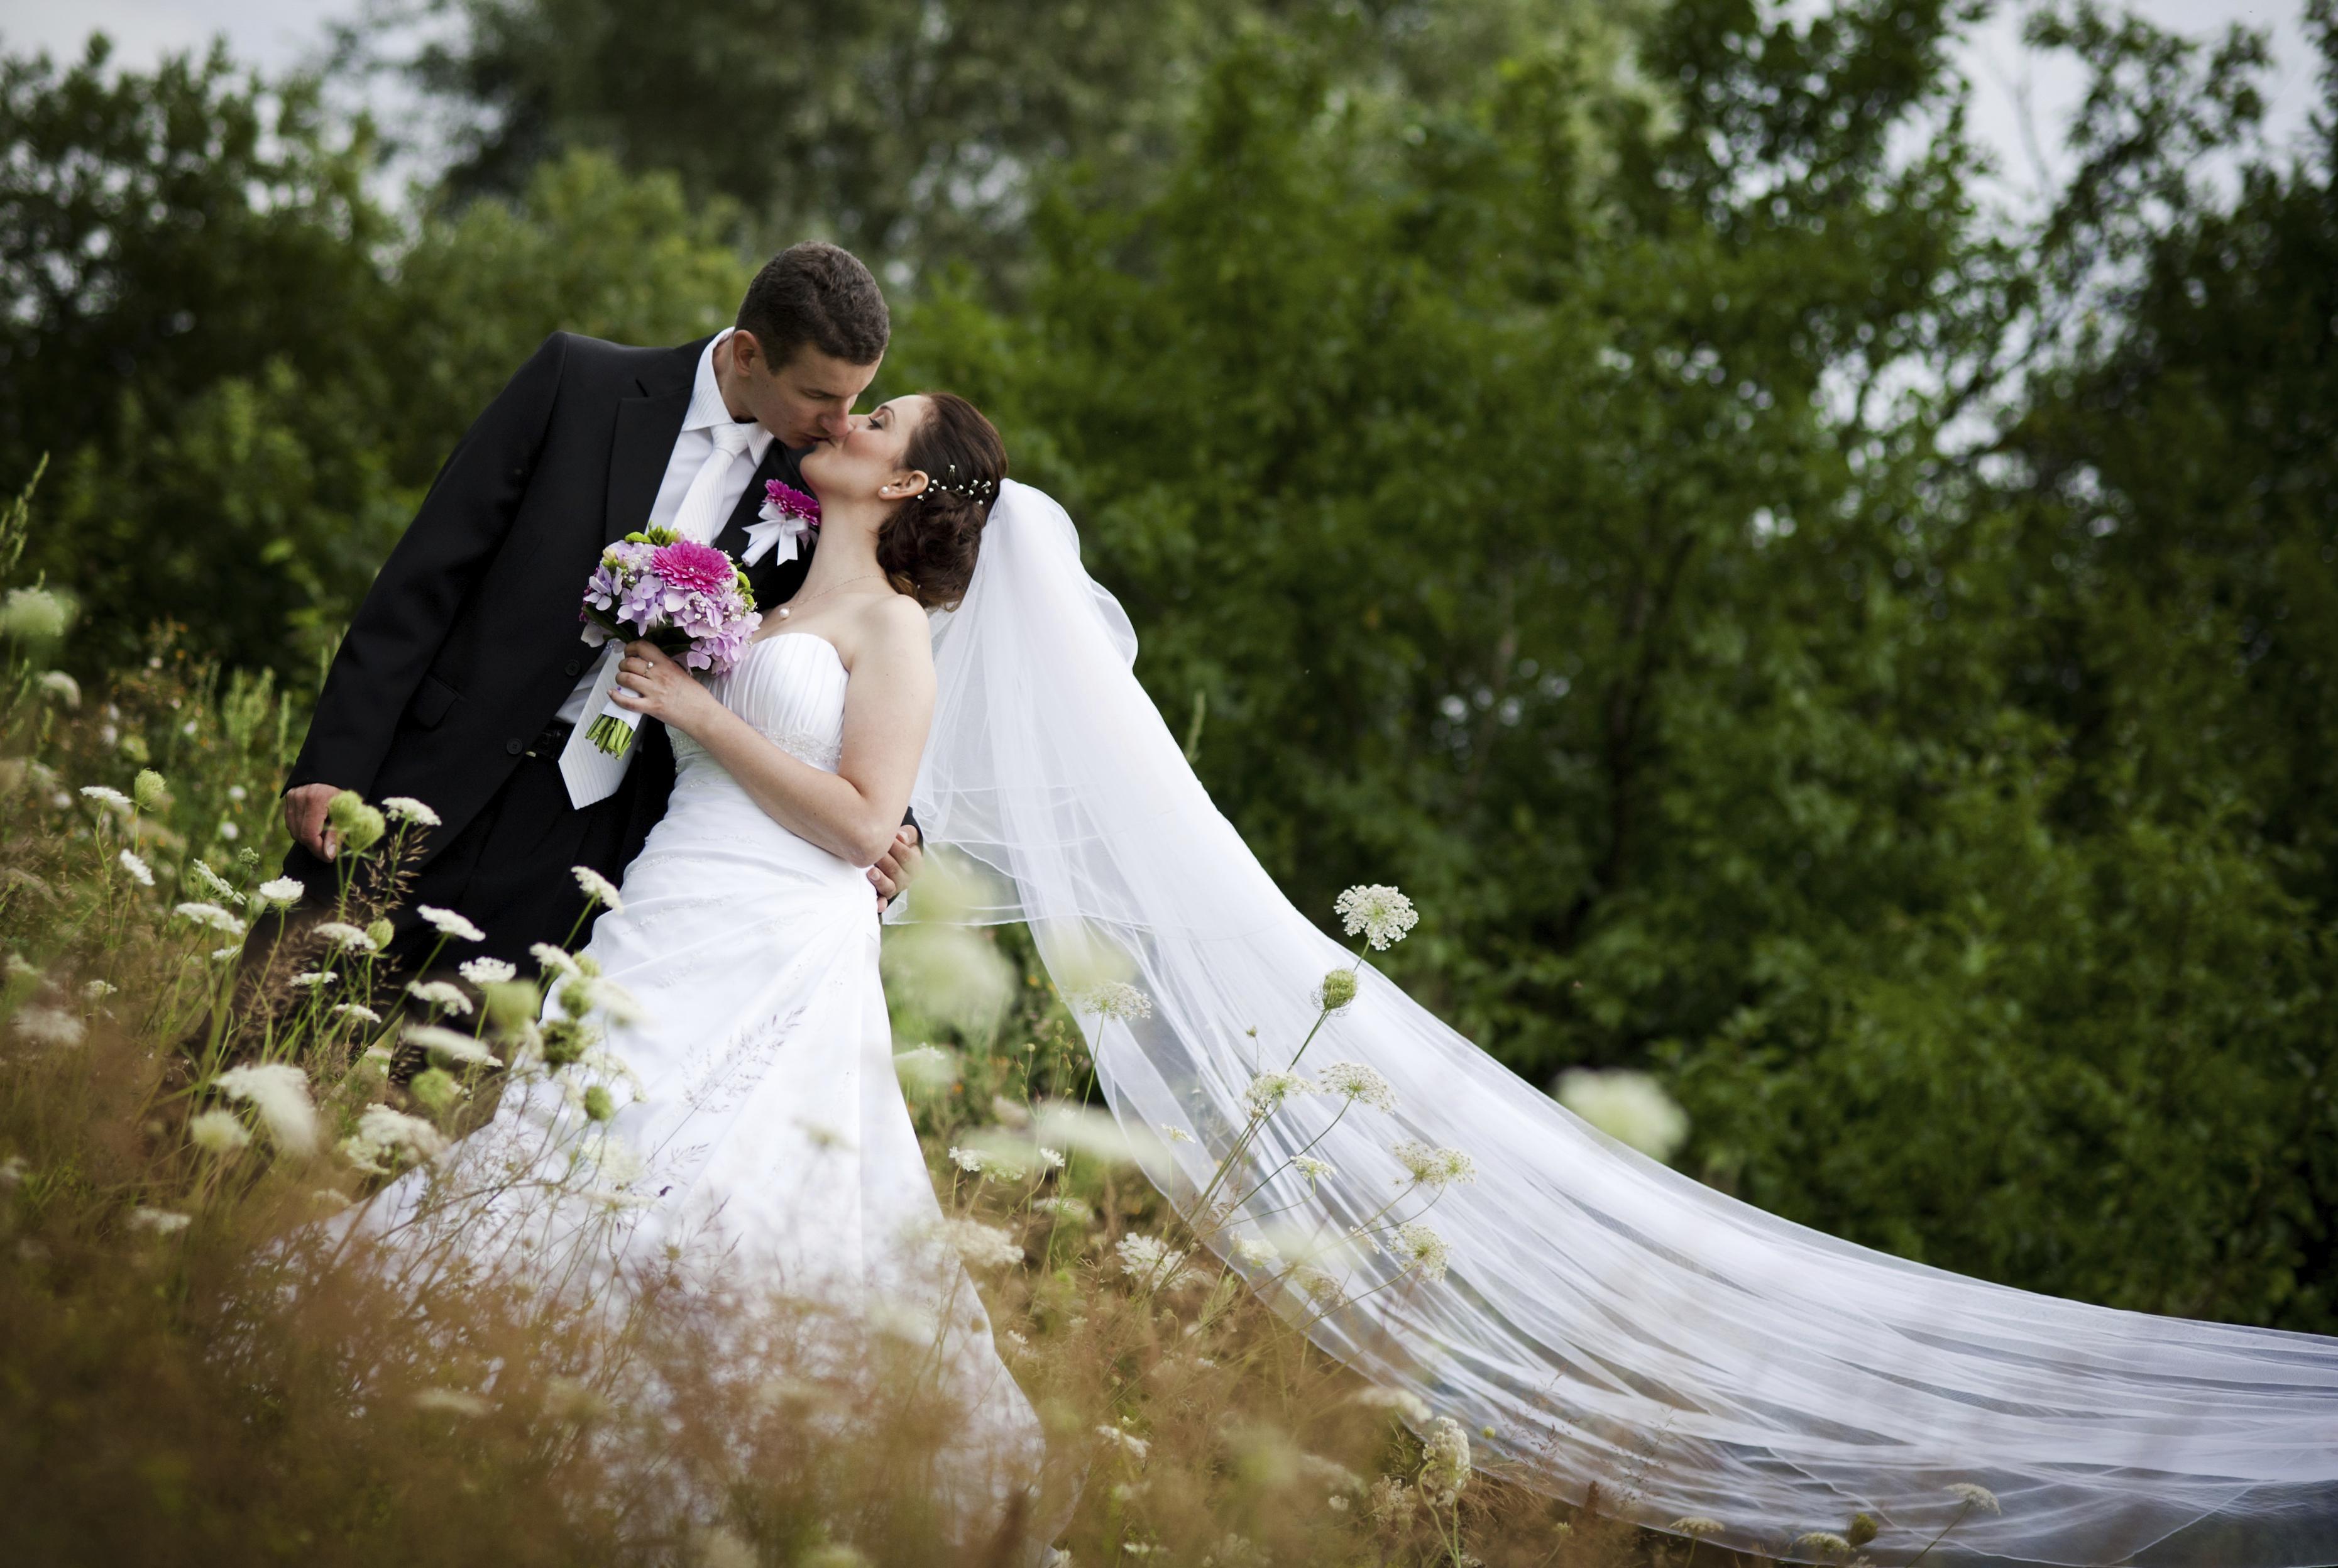 Column: Tips for making wedding, memorial slideshows